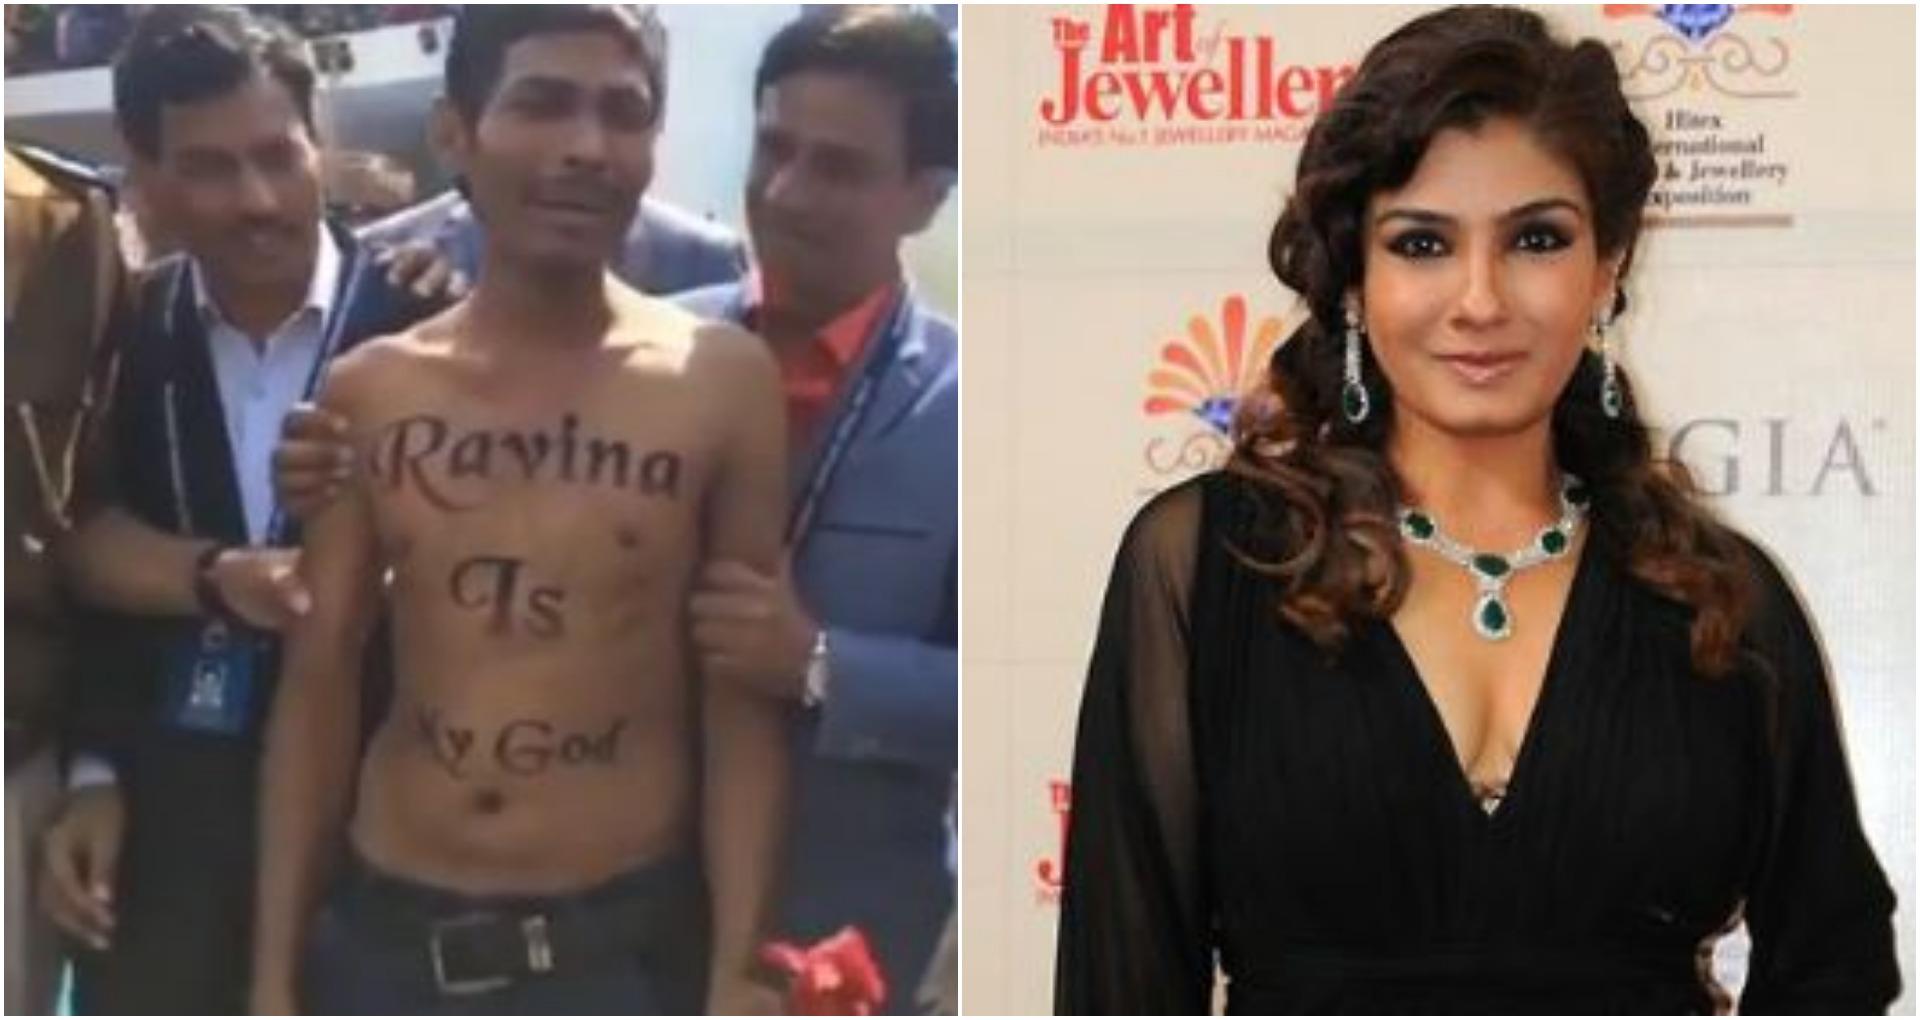 रवीना टंडन के फैन ने गुदवाया रवीना के नाम का टैटू, एक्ट्रेस को देख फूट-फूटकर रोया, देखें वीडियो